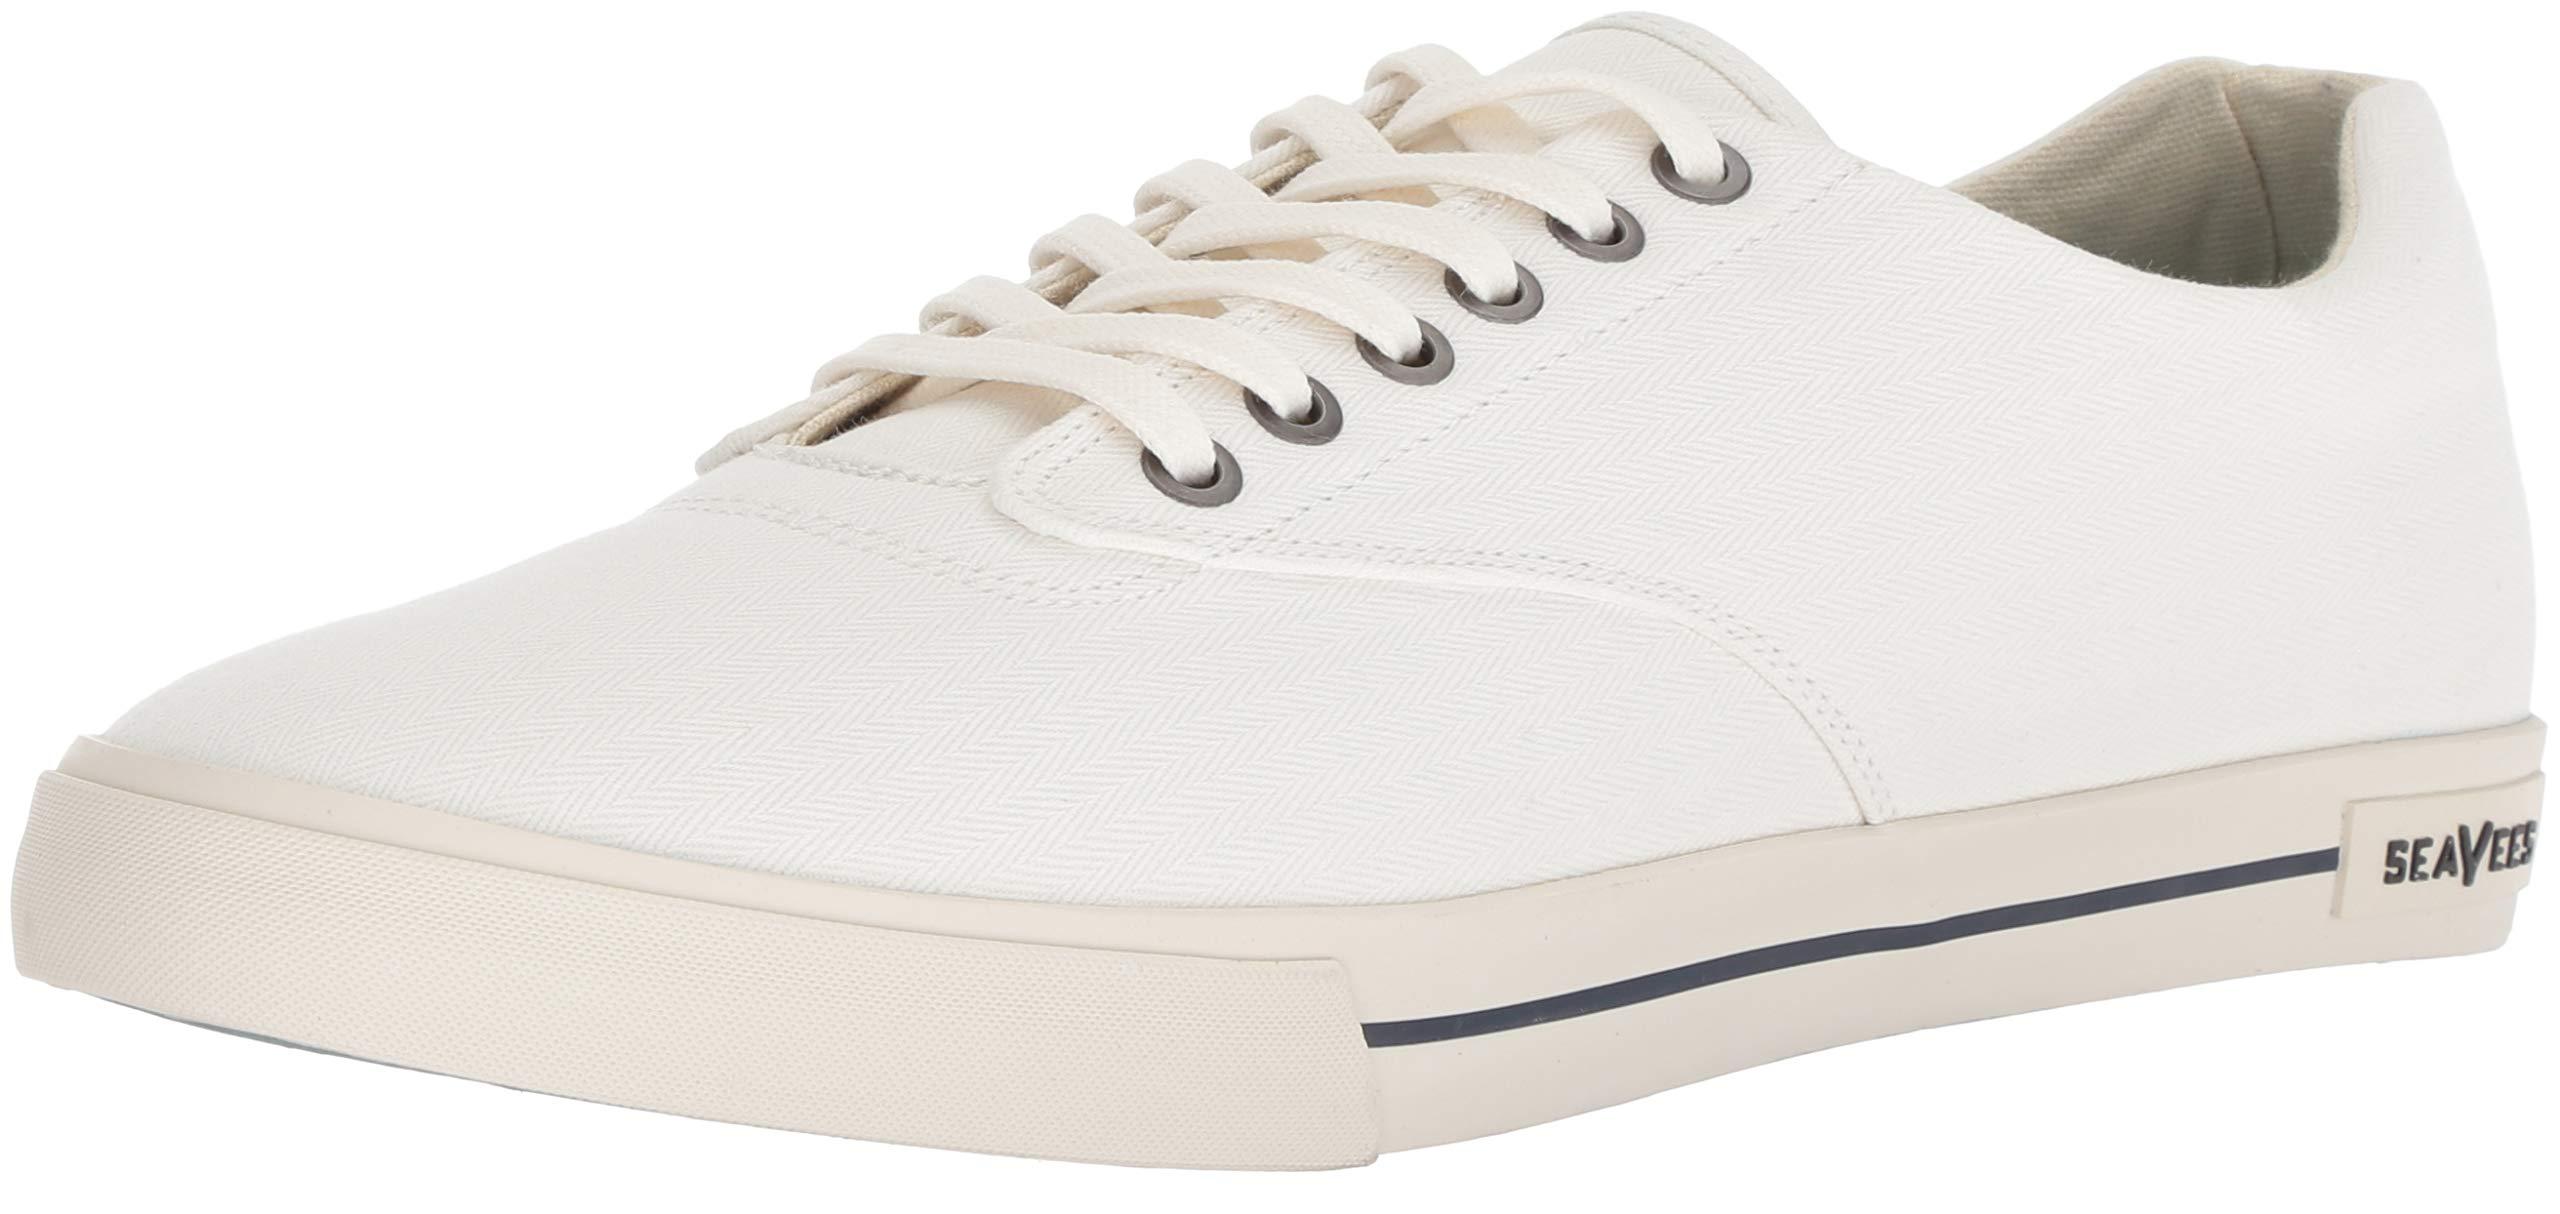 SeaVees Men's Hermosa Plimsoll Sneaker, Bleach, 10.5 M US